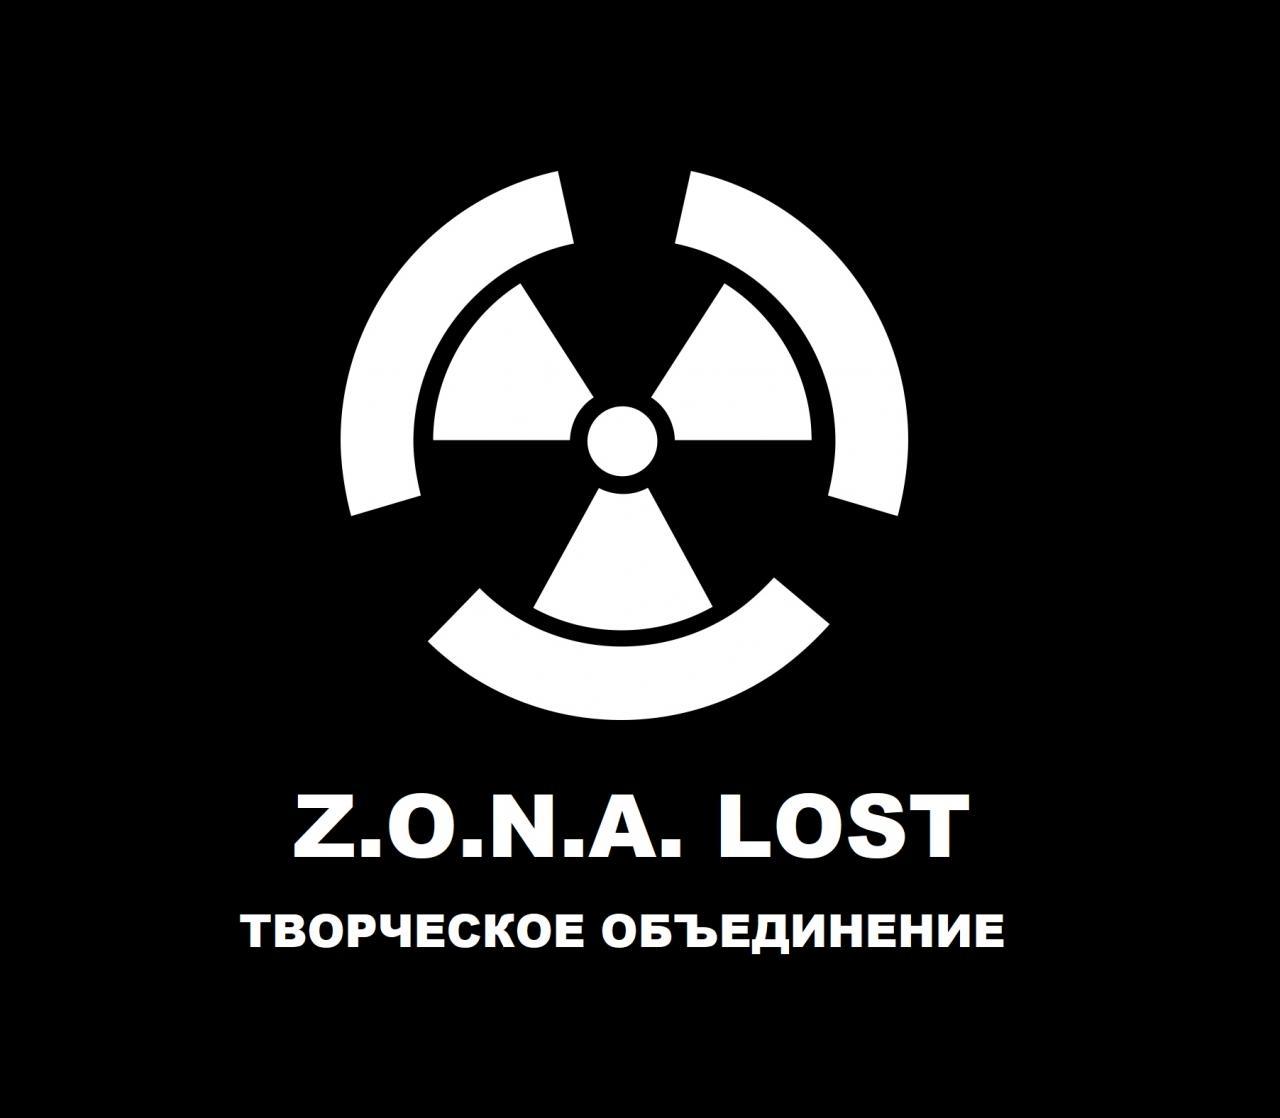 Киностудия Z.O.N.A. Lost приглашает в команду!